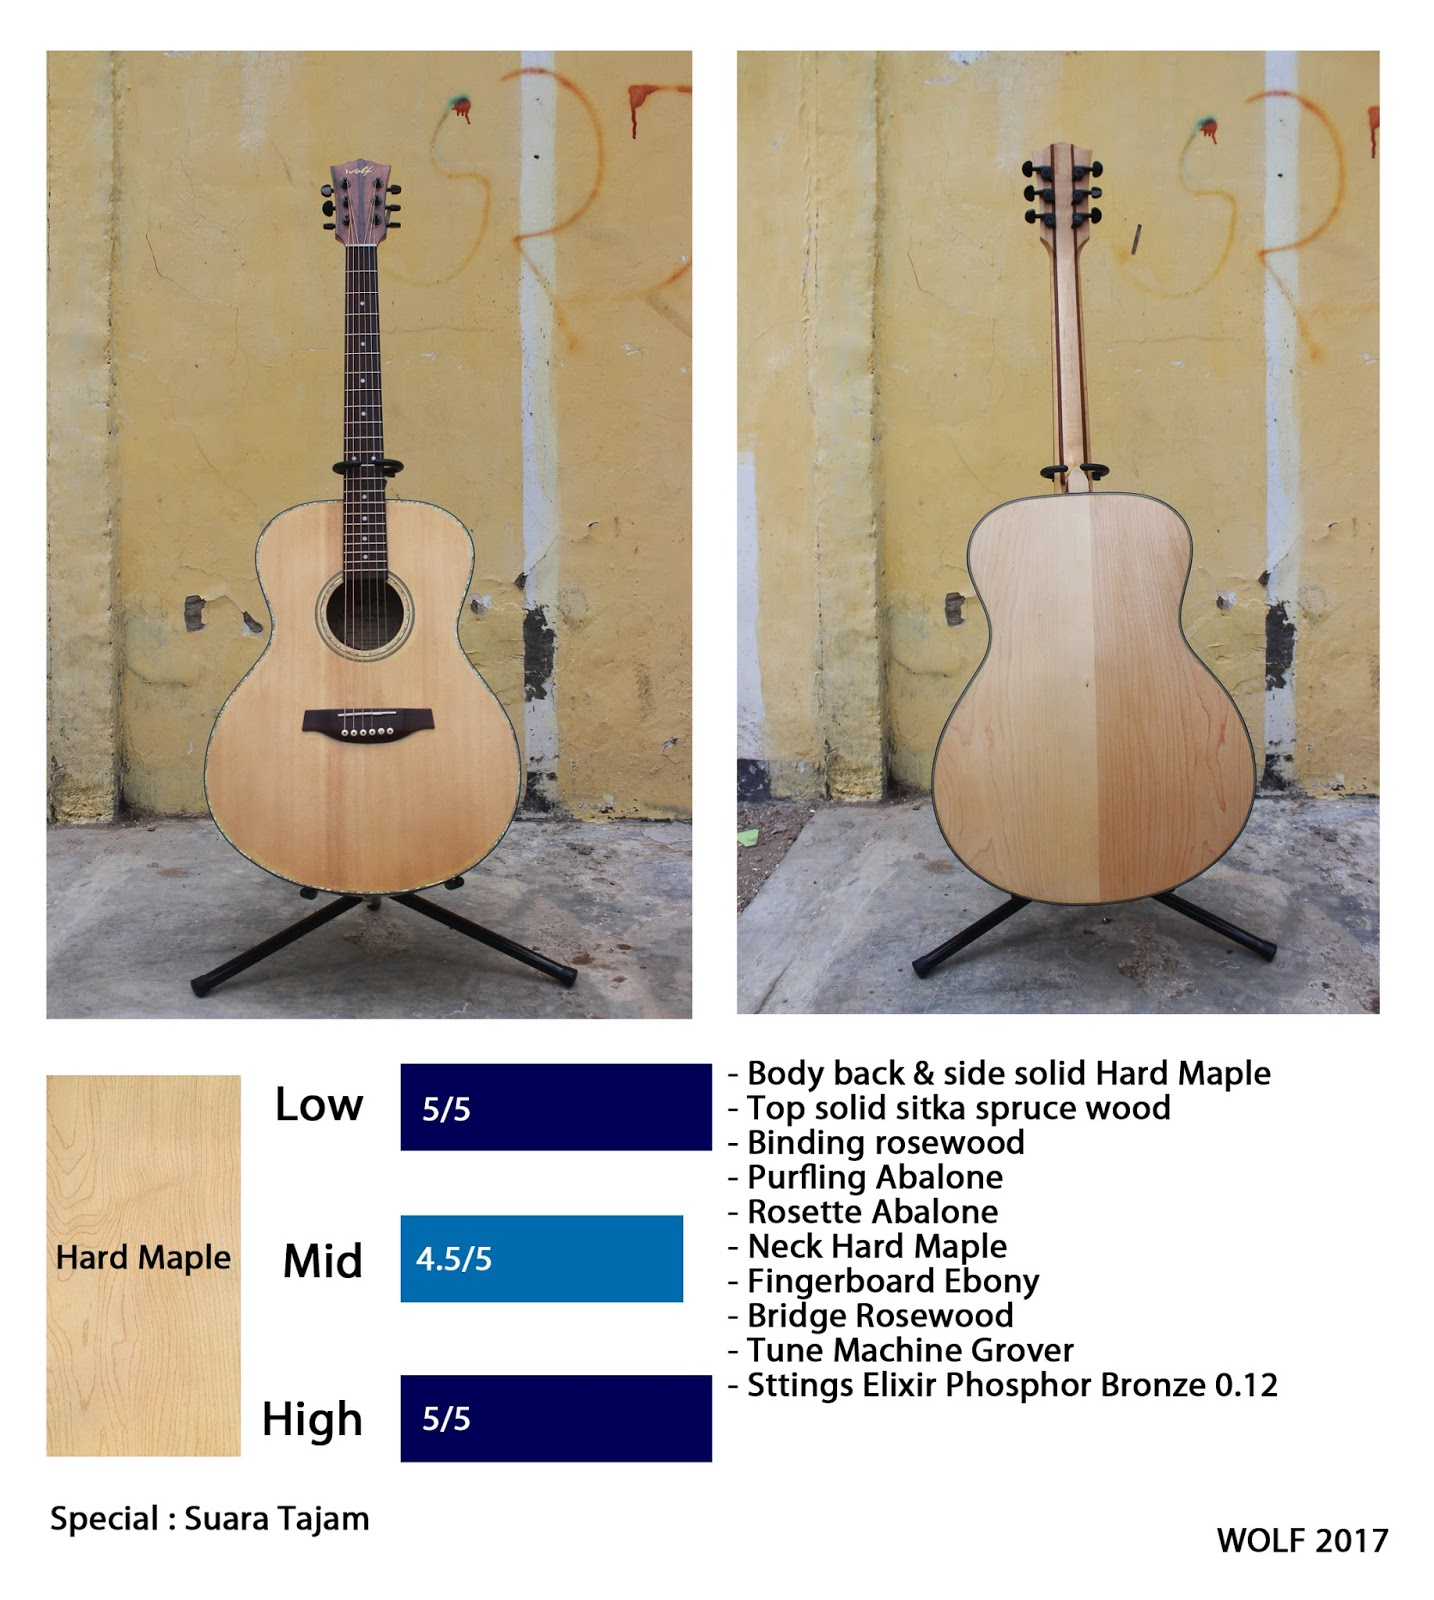 Wolf Guitar Master Tas Gitar Akustik Softcase Jumbo Di Indonesia Jarang Temukan Solid Mengunakan Kayu Hard Maple Apalagi Flamed Dan Jenis Lainnya Karena Memang Ini Bukan